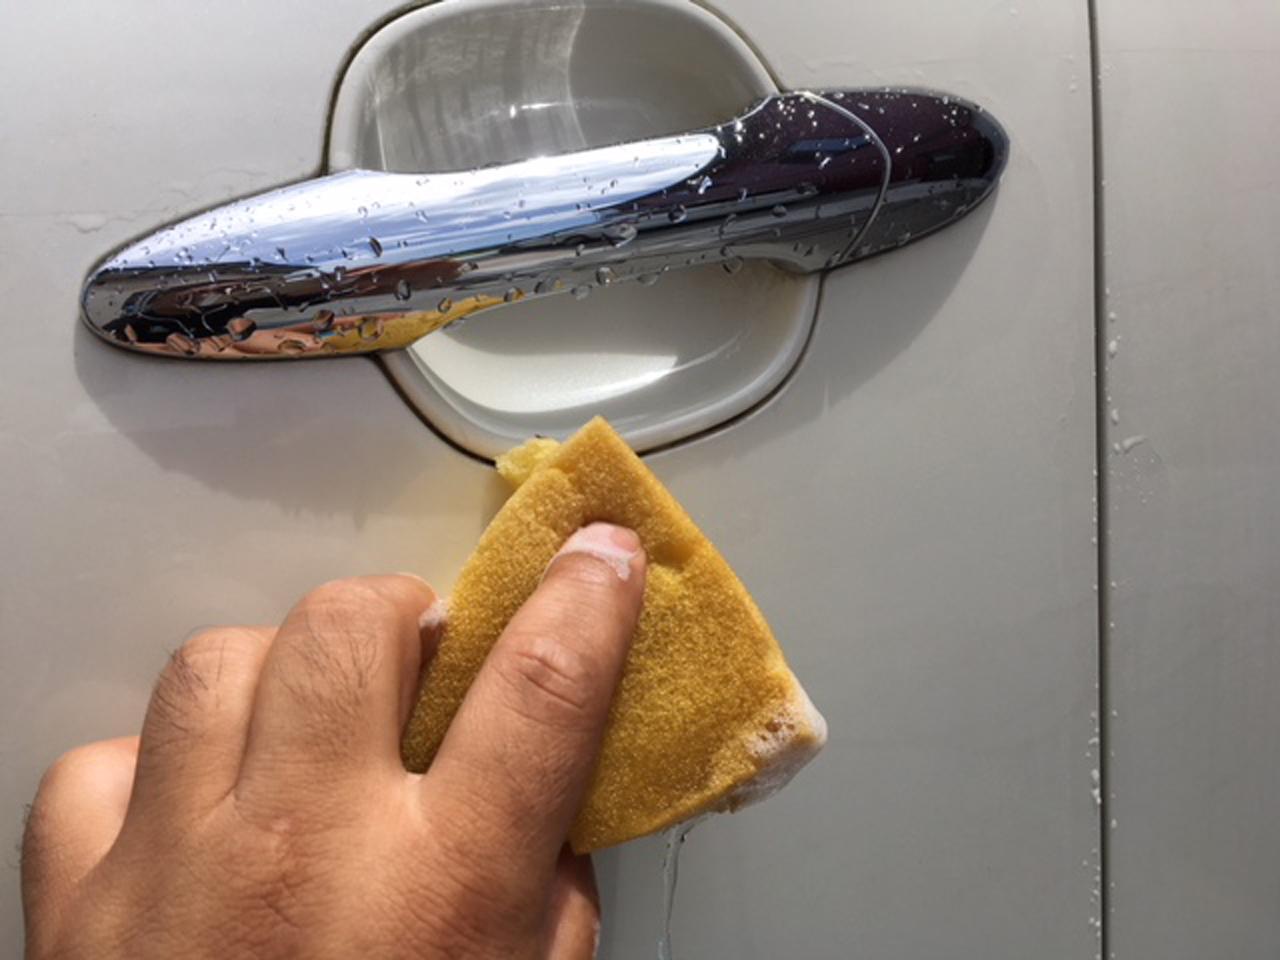 気づいた時が洗車時。あなたはどれくらいの周期で洗車してる?|フジモンのクルマ生活豆知識 107